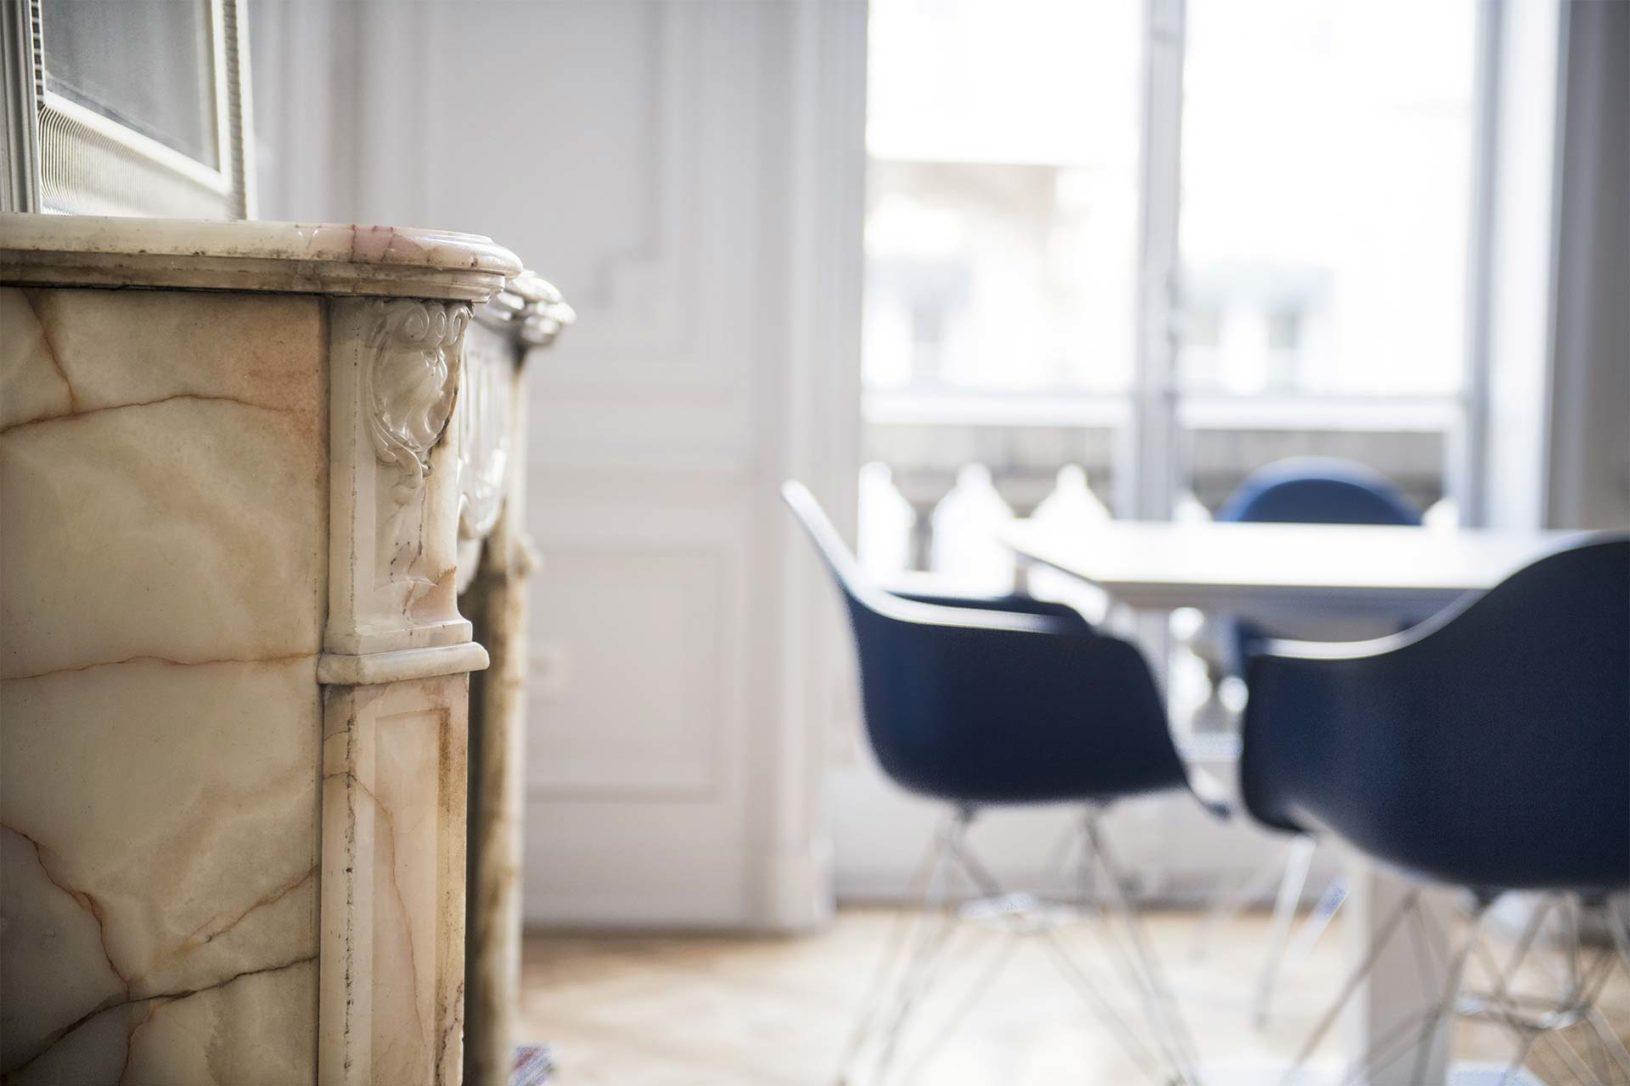 Salle de réunion Viajuris, cabinet d'avocats Saint Etienne et Lyon